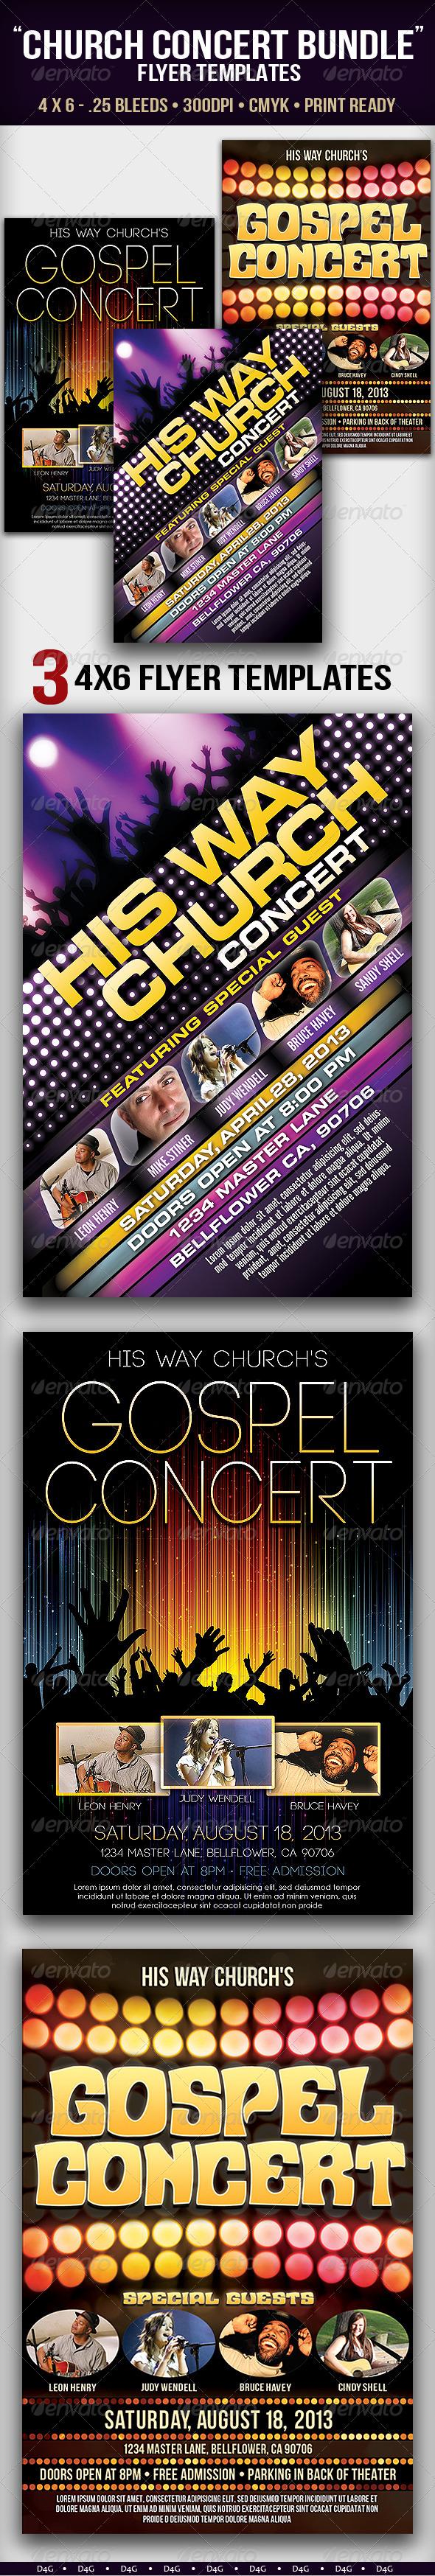 GraphicRiver Church Concert Flyer Bundle 5989095